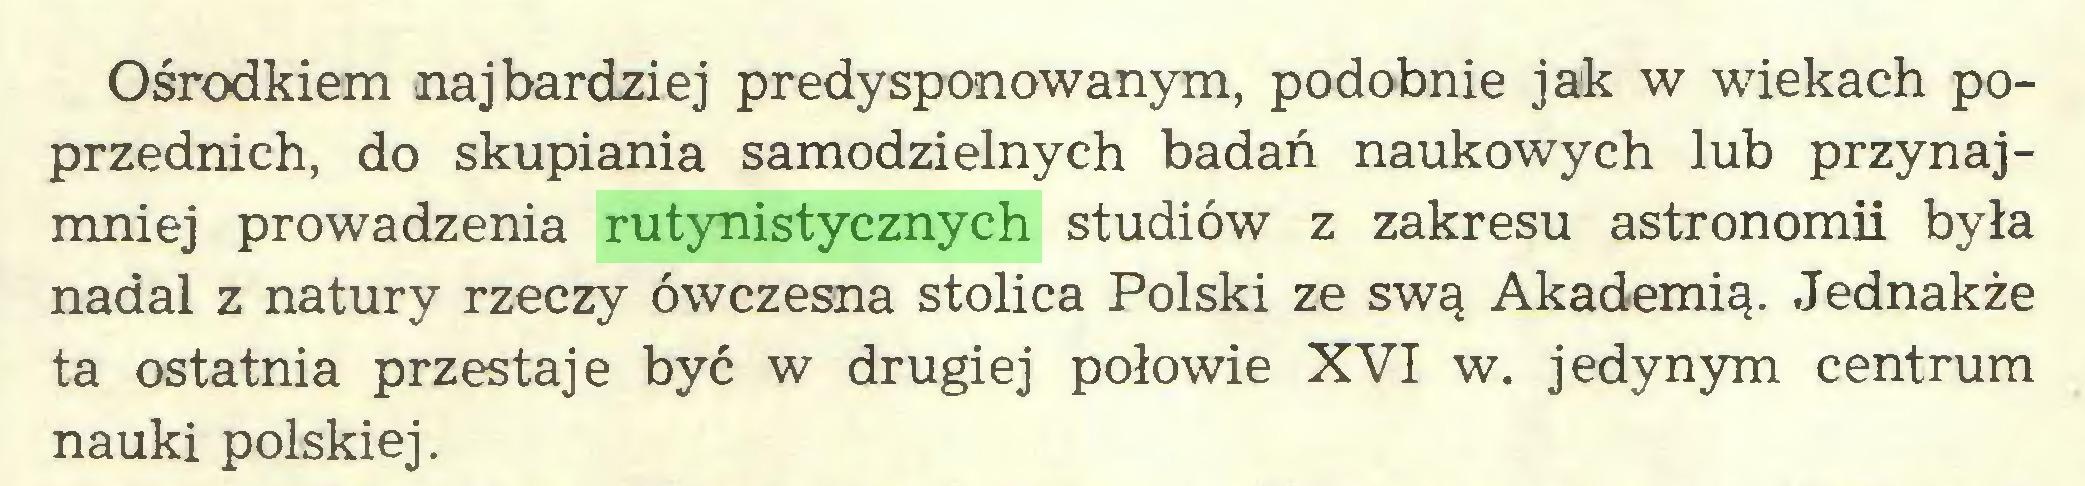 (...) Ośrodkiem najbardziej predysponowanym, podobnie jak w wiekach poprzednich, do skupiania samodzielnych badań naukowych lub przynajmniej prowadzenia rutynistycznych studiów z zakresu astronomii była nadal z natury rzeczy ówczesna stolica Polski ze swą Akademią. Jednakże ta ostatnia przestaje być w drugiej połowie XVI w. jedynym centrum nauki polskiej...